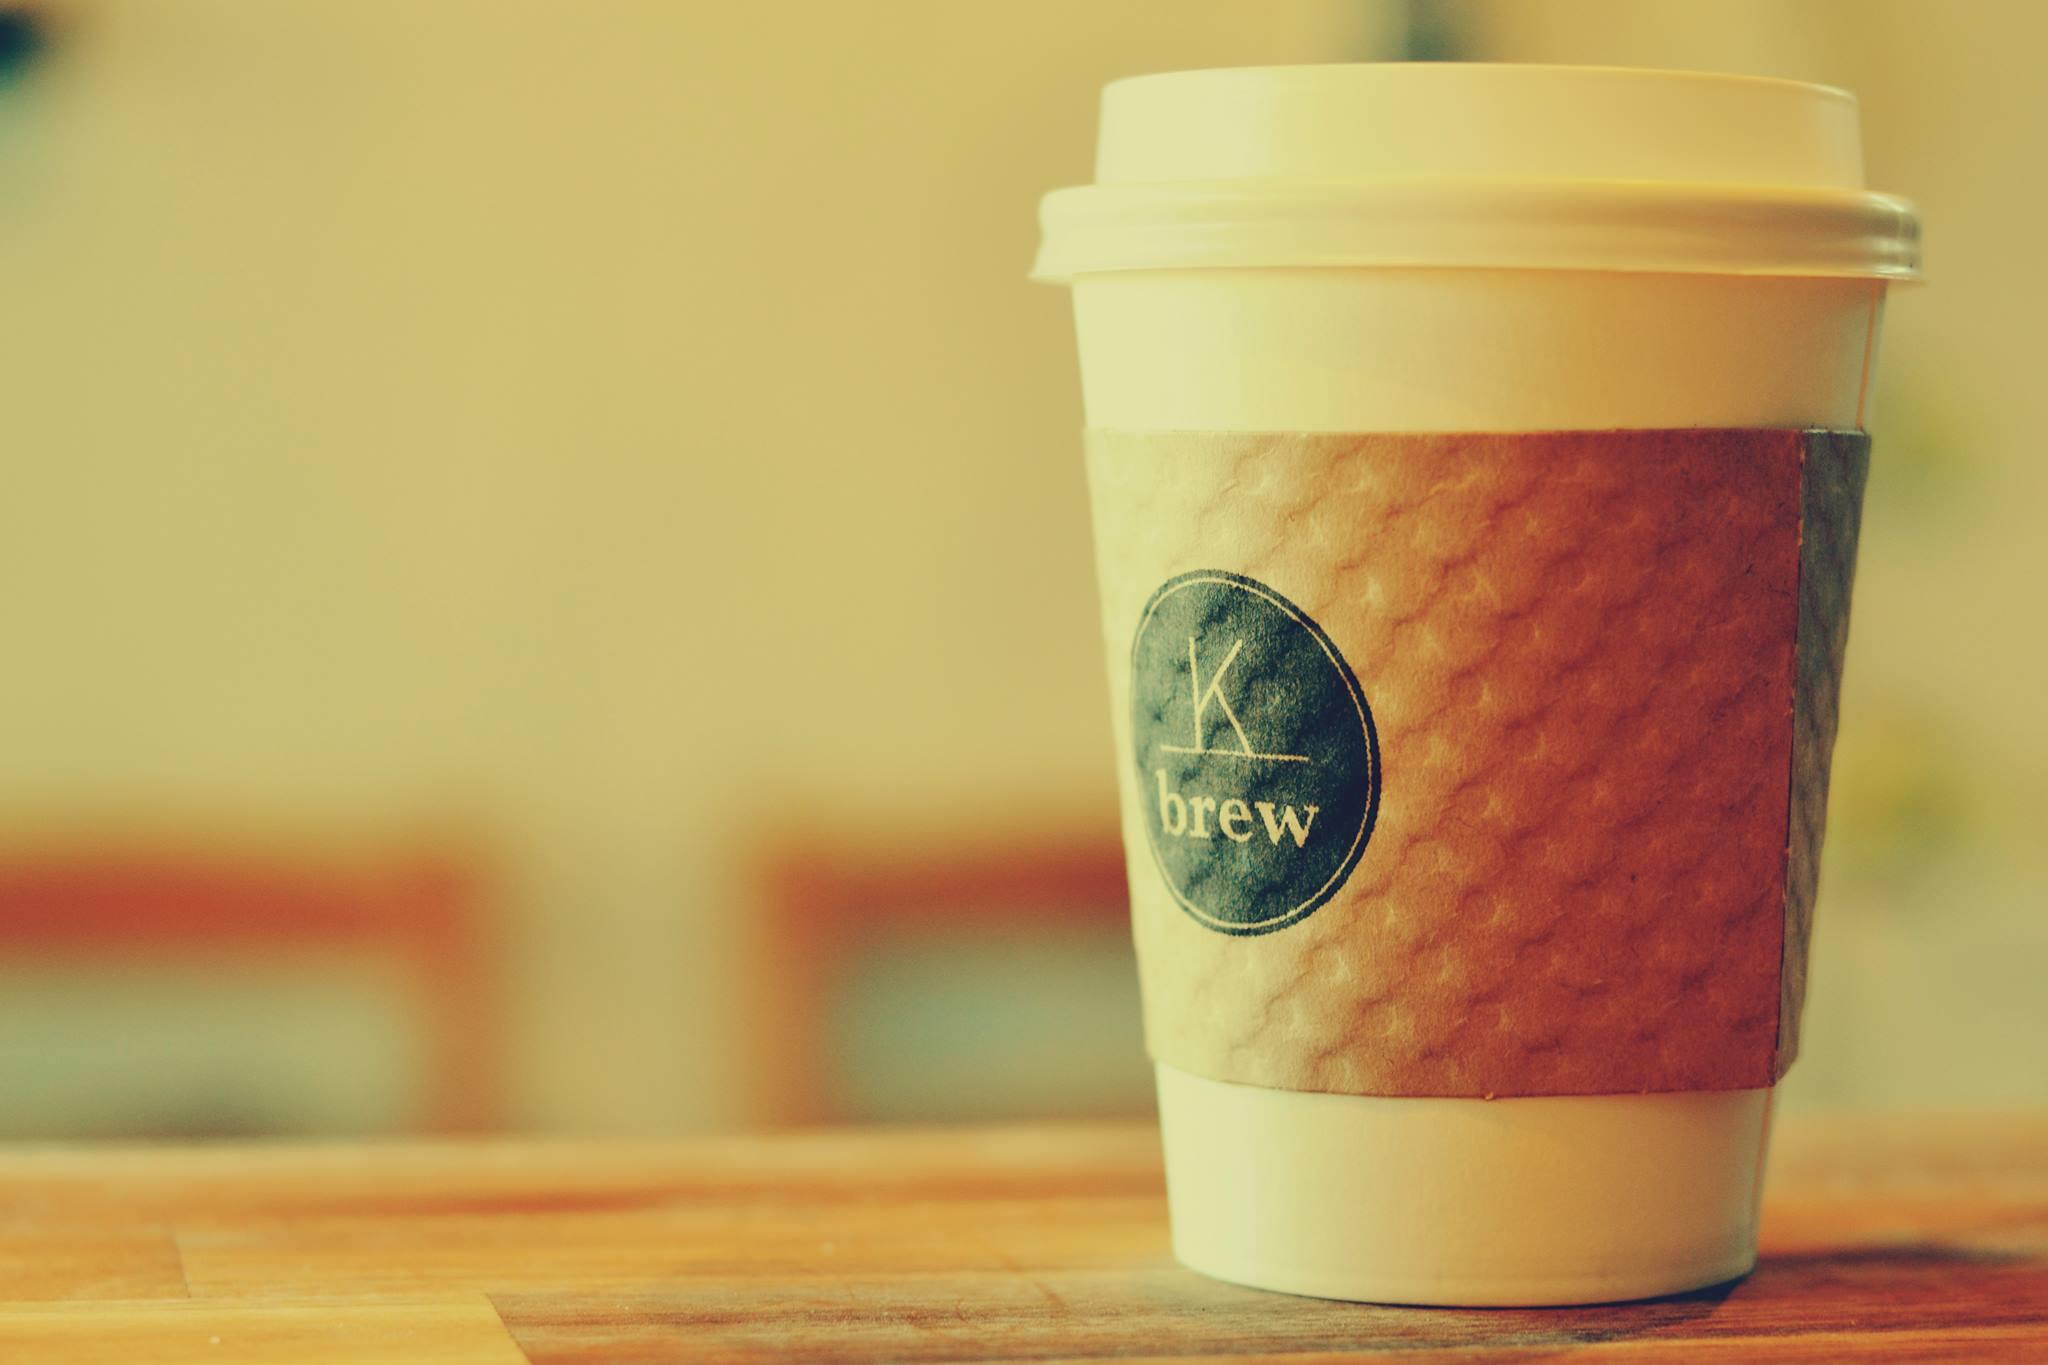 KBrew Coffee Shop